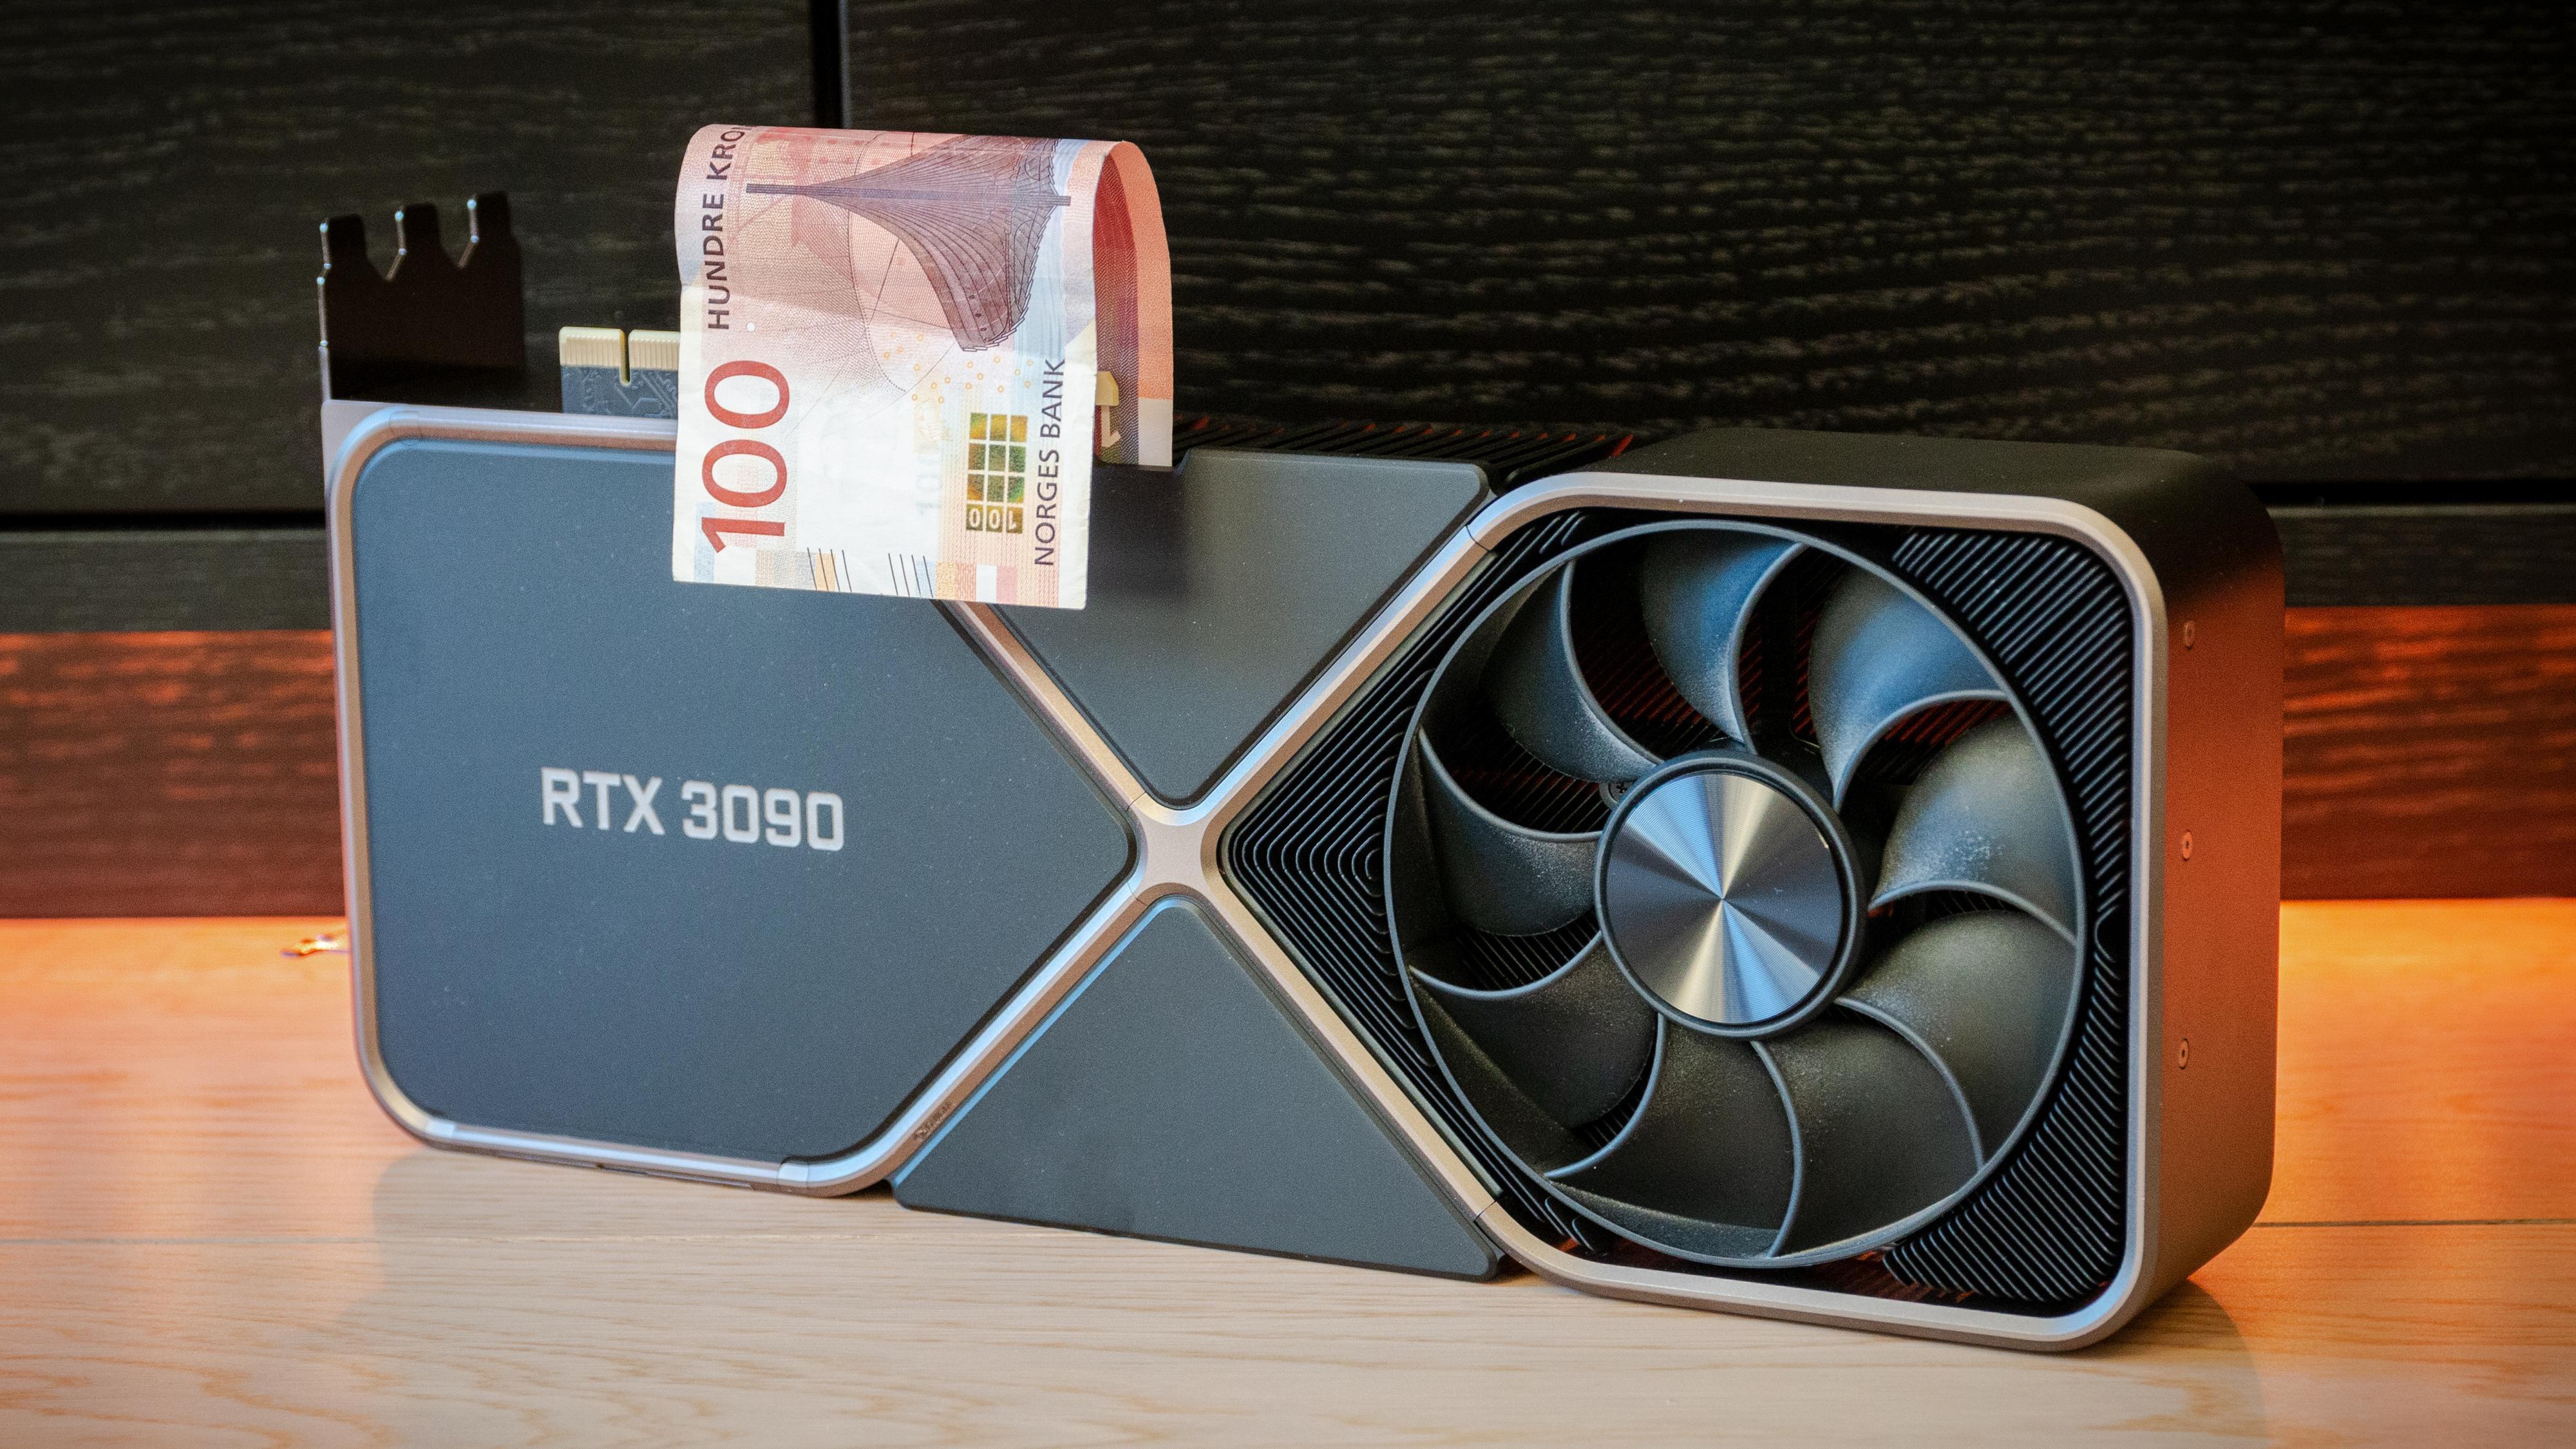 Grafikkort «printer» kanskje ikke penger helt slik, men kan generere betydelige verdier gjennom «mining».